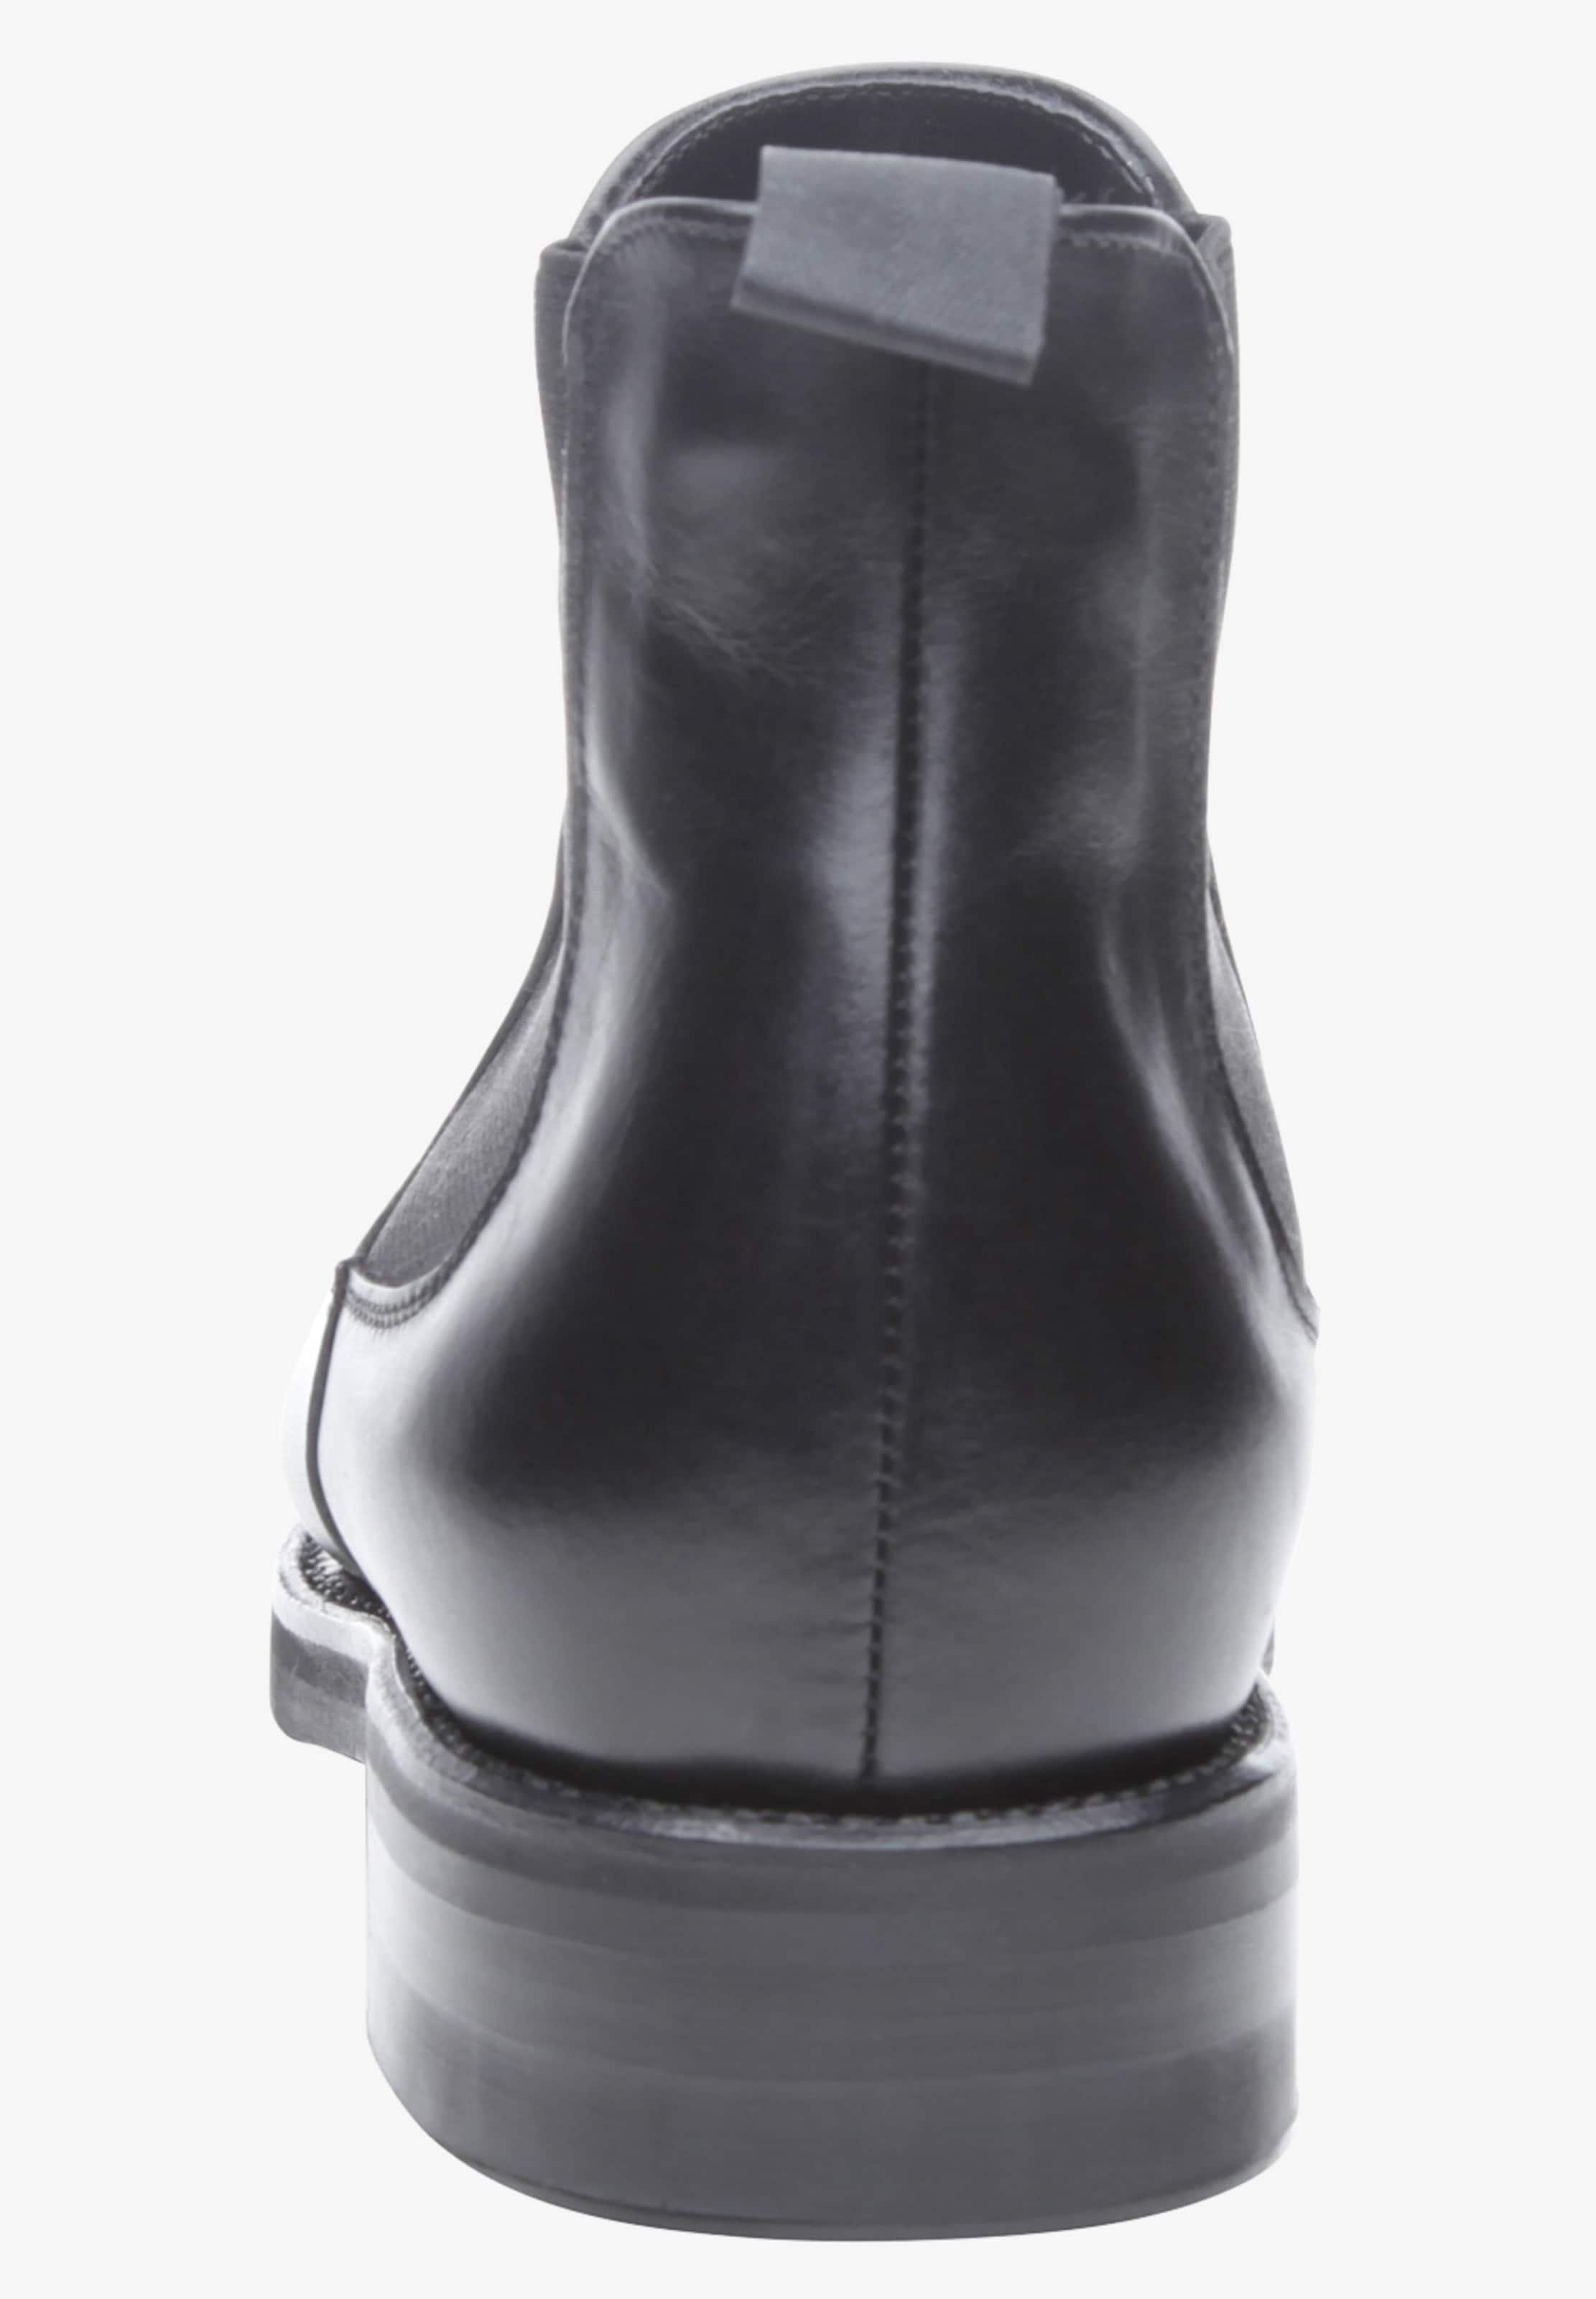 SchuhePASSION WinterStiefel WinterStiefel WinterStiefel ' No. 260 Leder Bequem, gut aussehend 4a4aa4